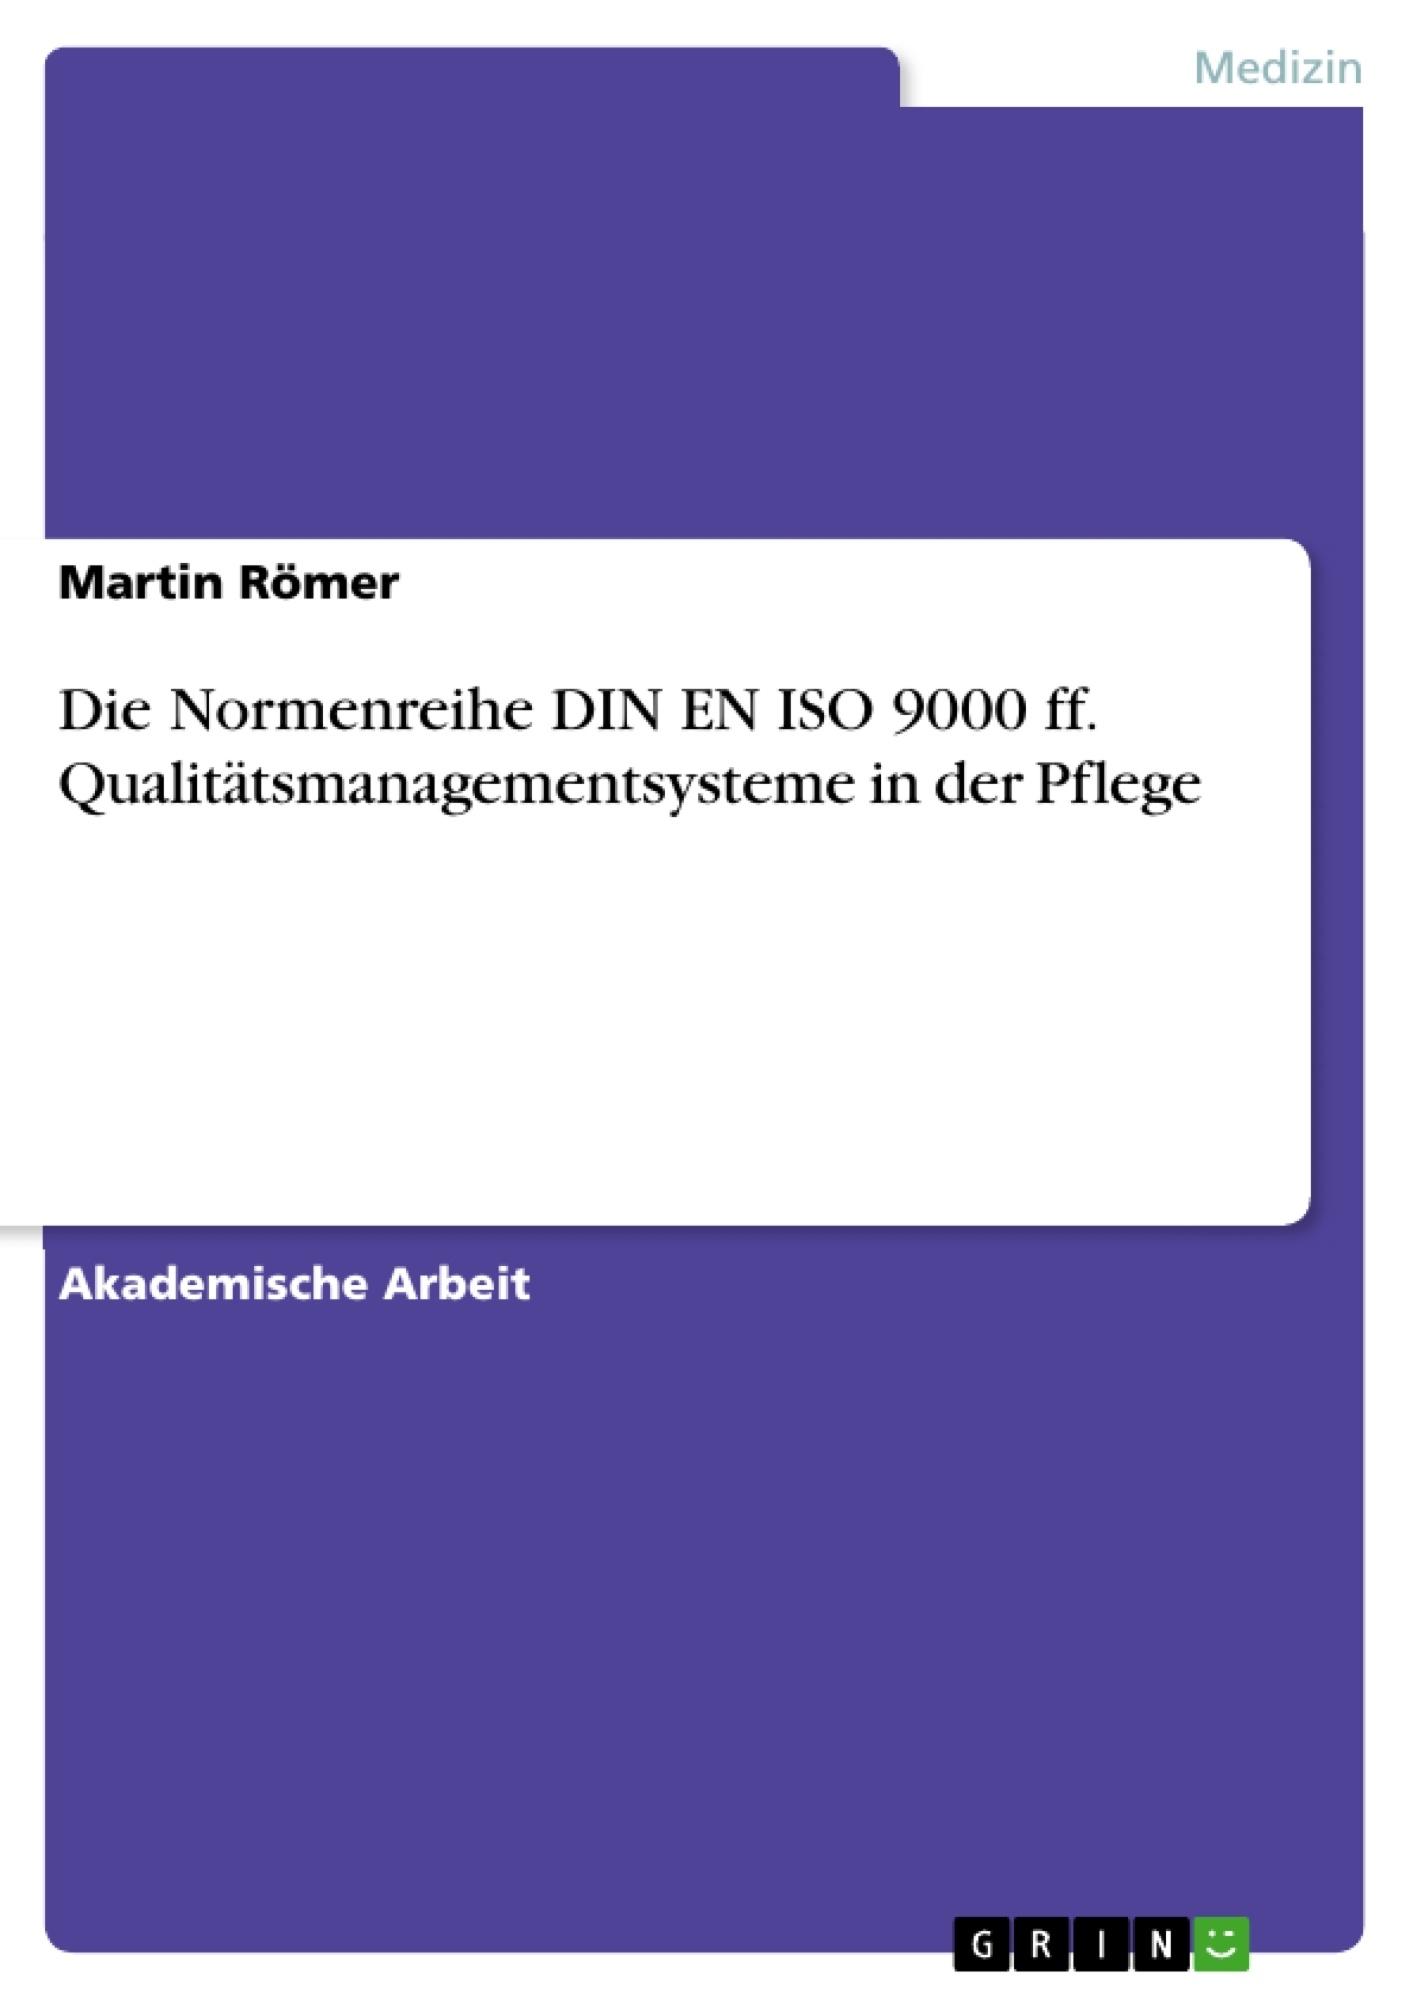 Titel: Die Normenreihe DIN EN ISO 9000 ff. Qualitätsmanagementsysteme in der Pflege